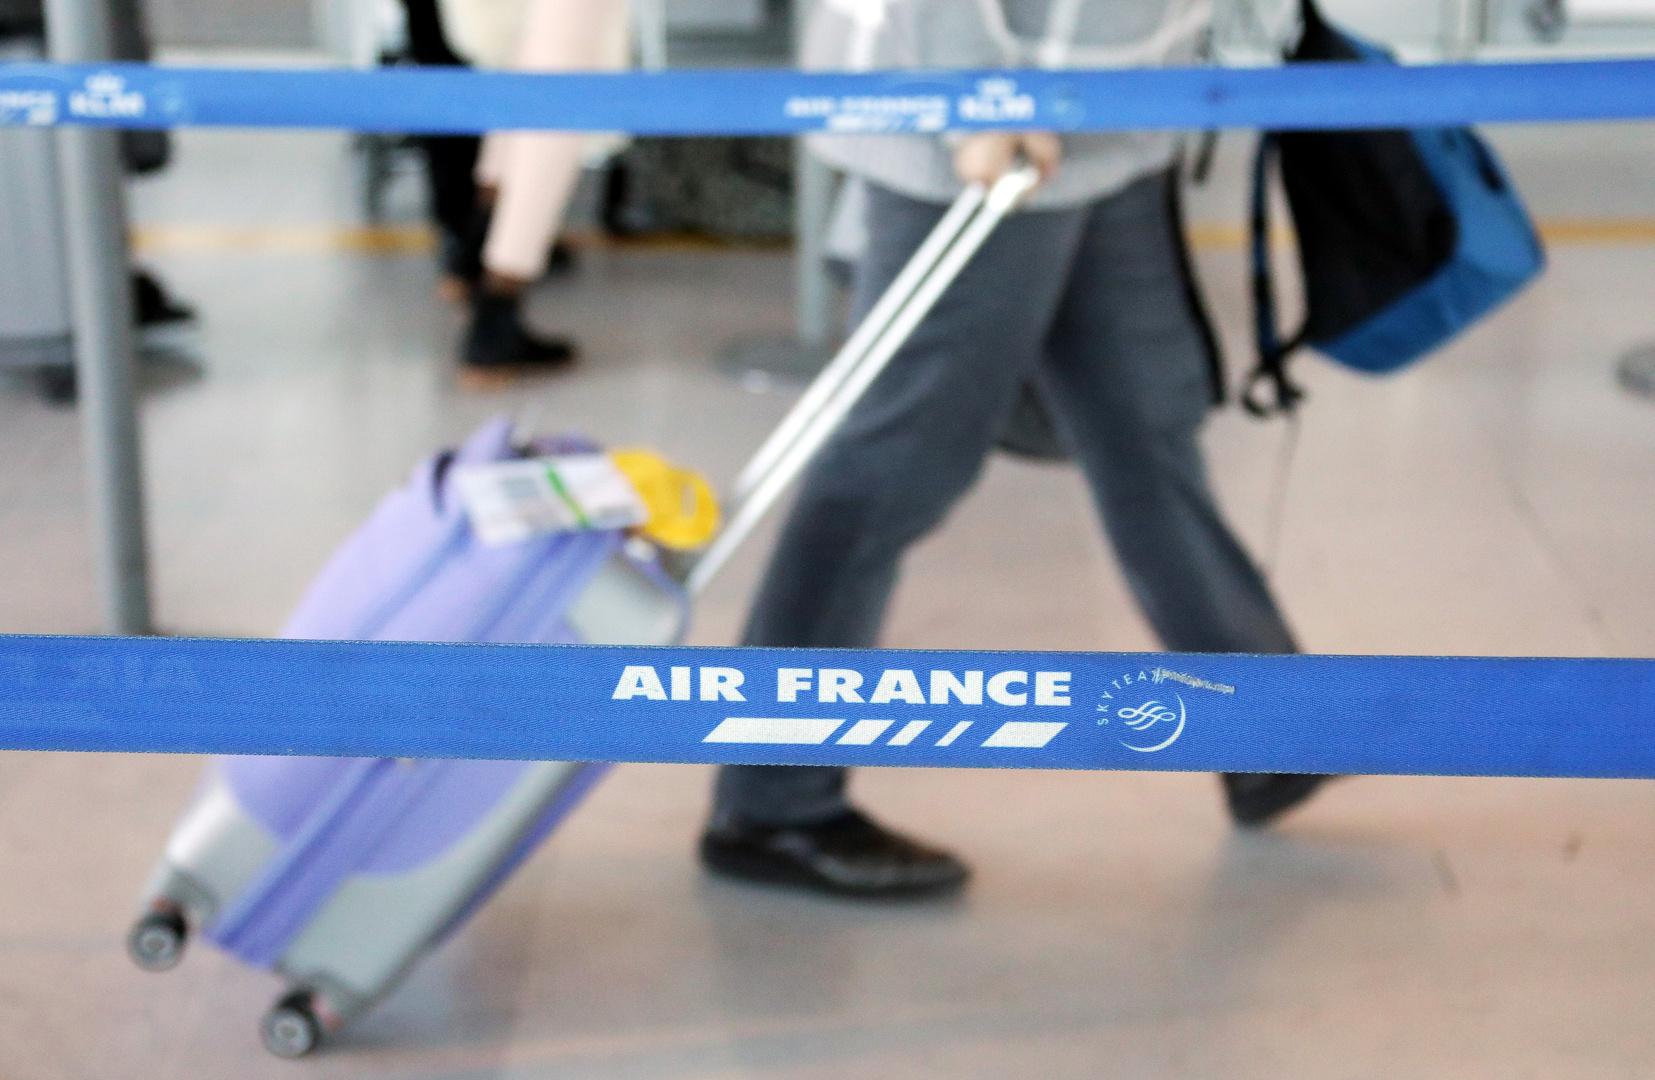 قروض حكومية بقيمة 7 مليارات يورو لإنقاذ الخطوط الجوية الفرنسية